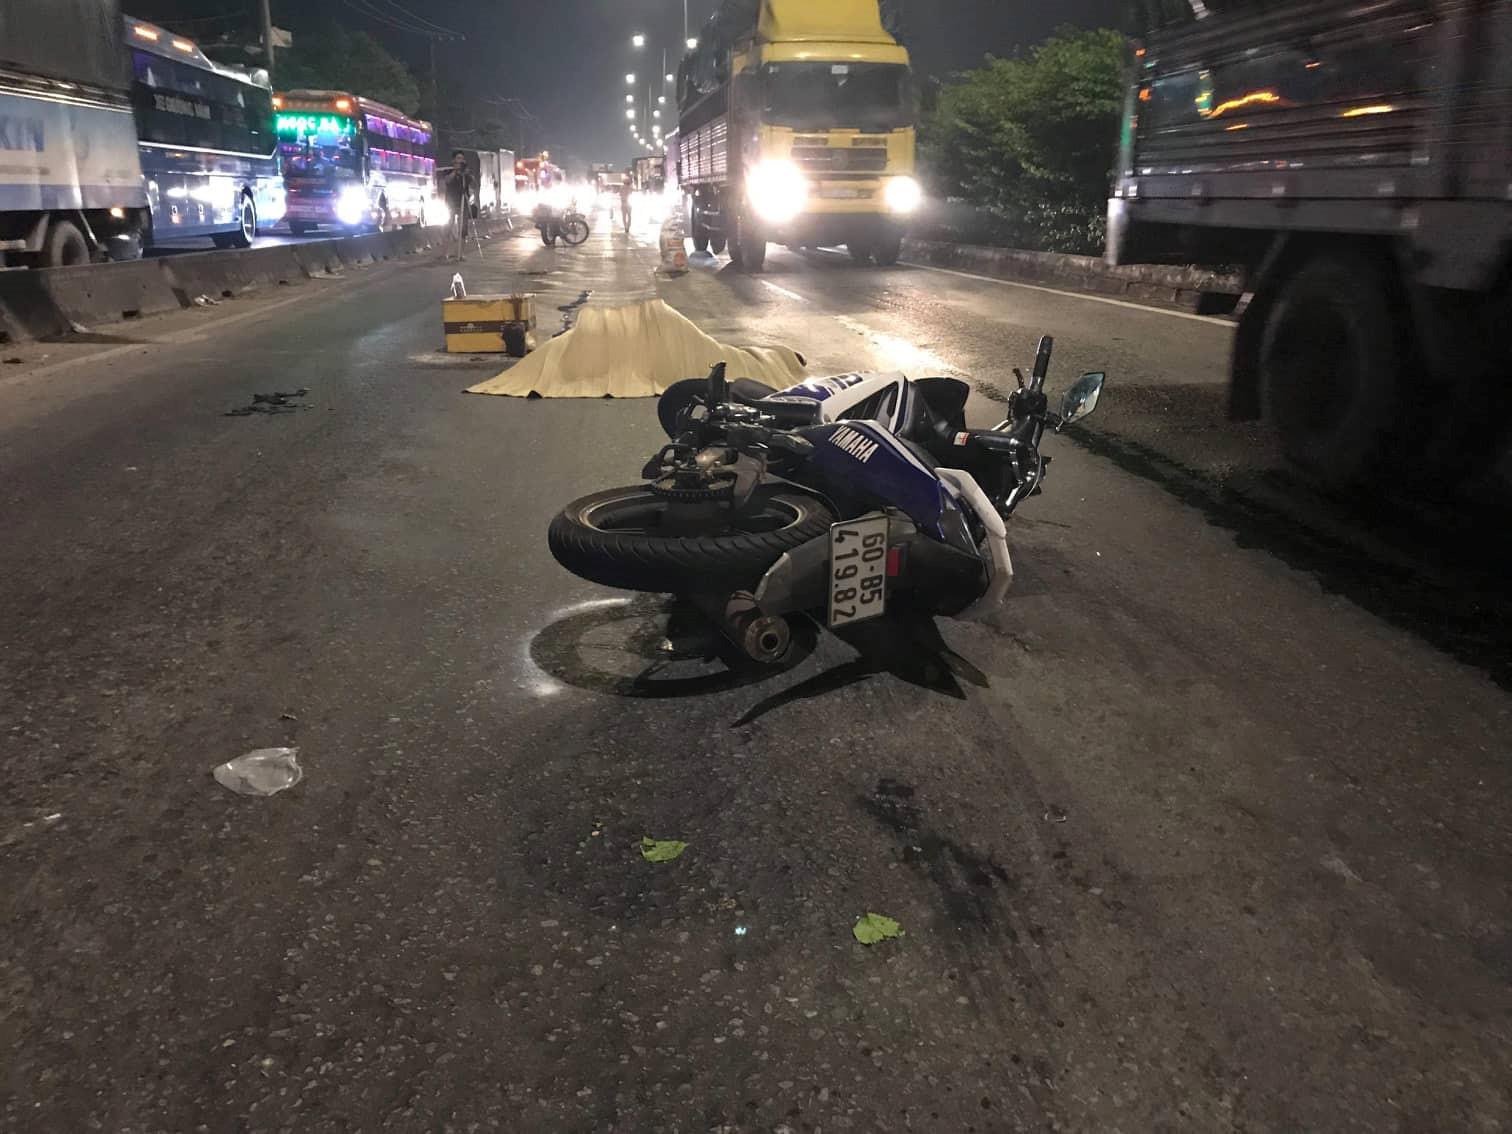 Ô tô bỏ chạy khỏi hiện trường sau tai nạn, để lại thi thể nạn nhân Ảnh 1